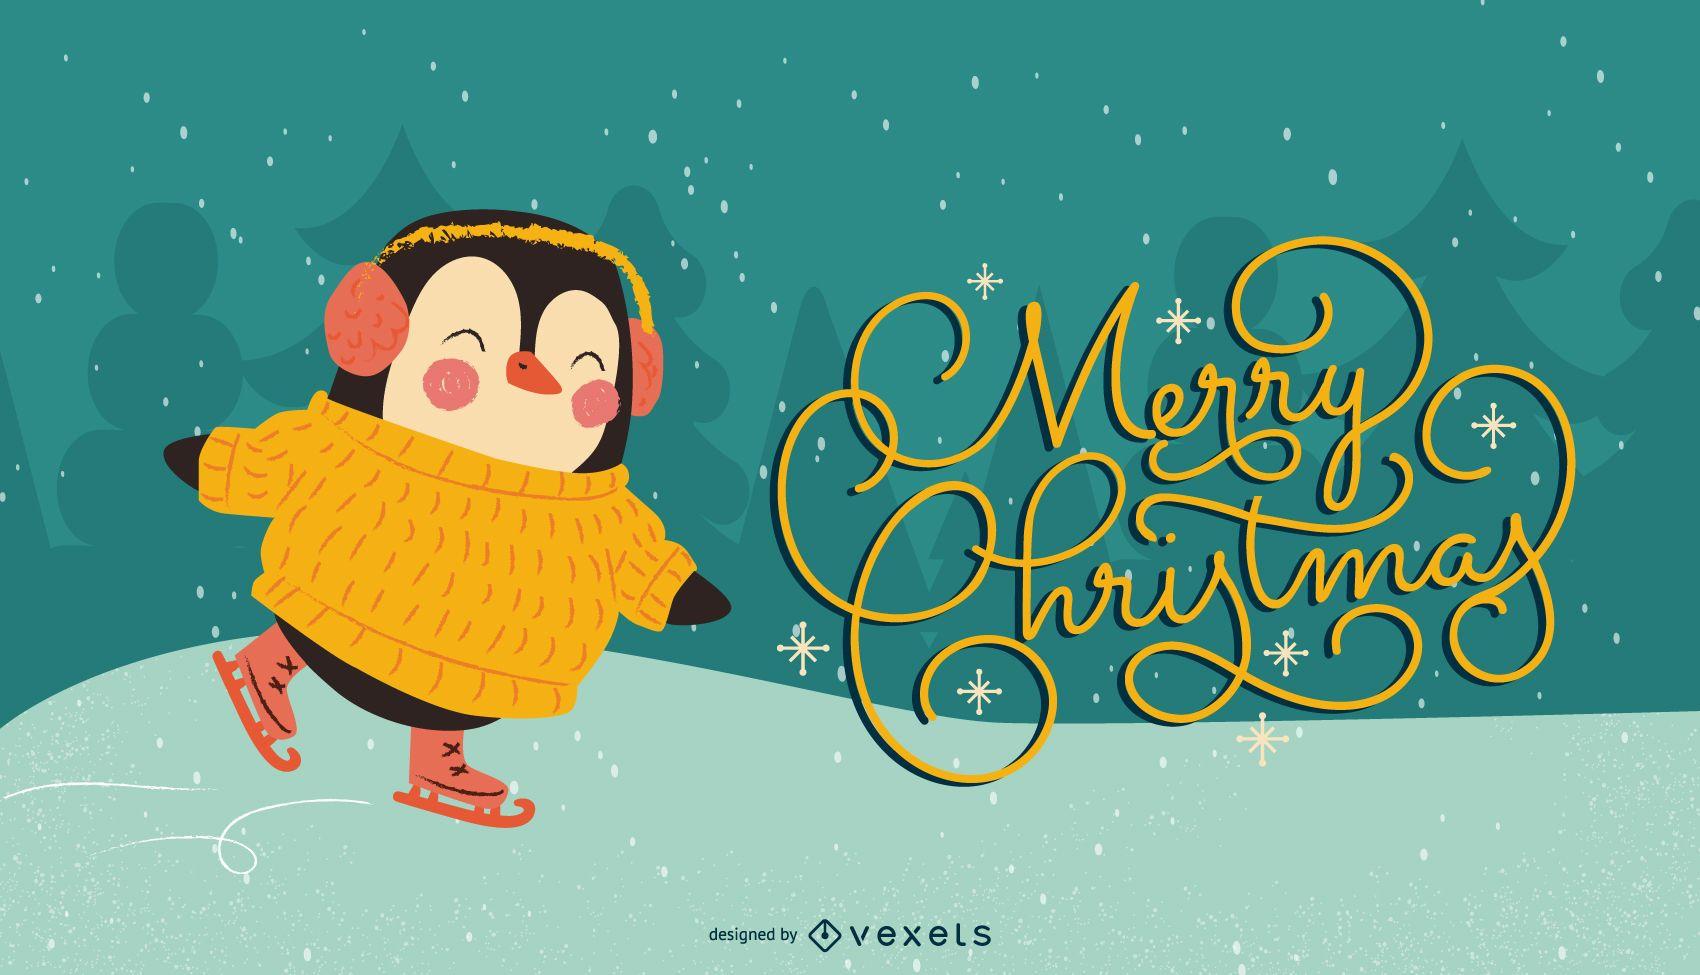 Christmas penguin ice skate illustration